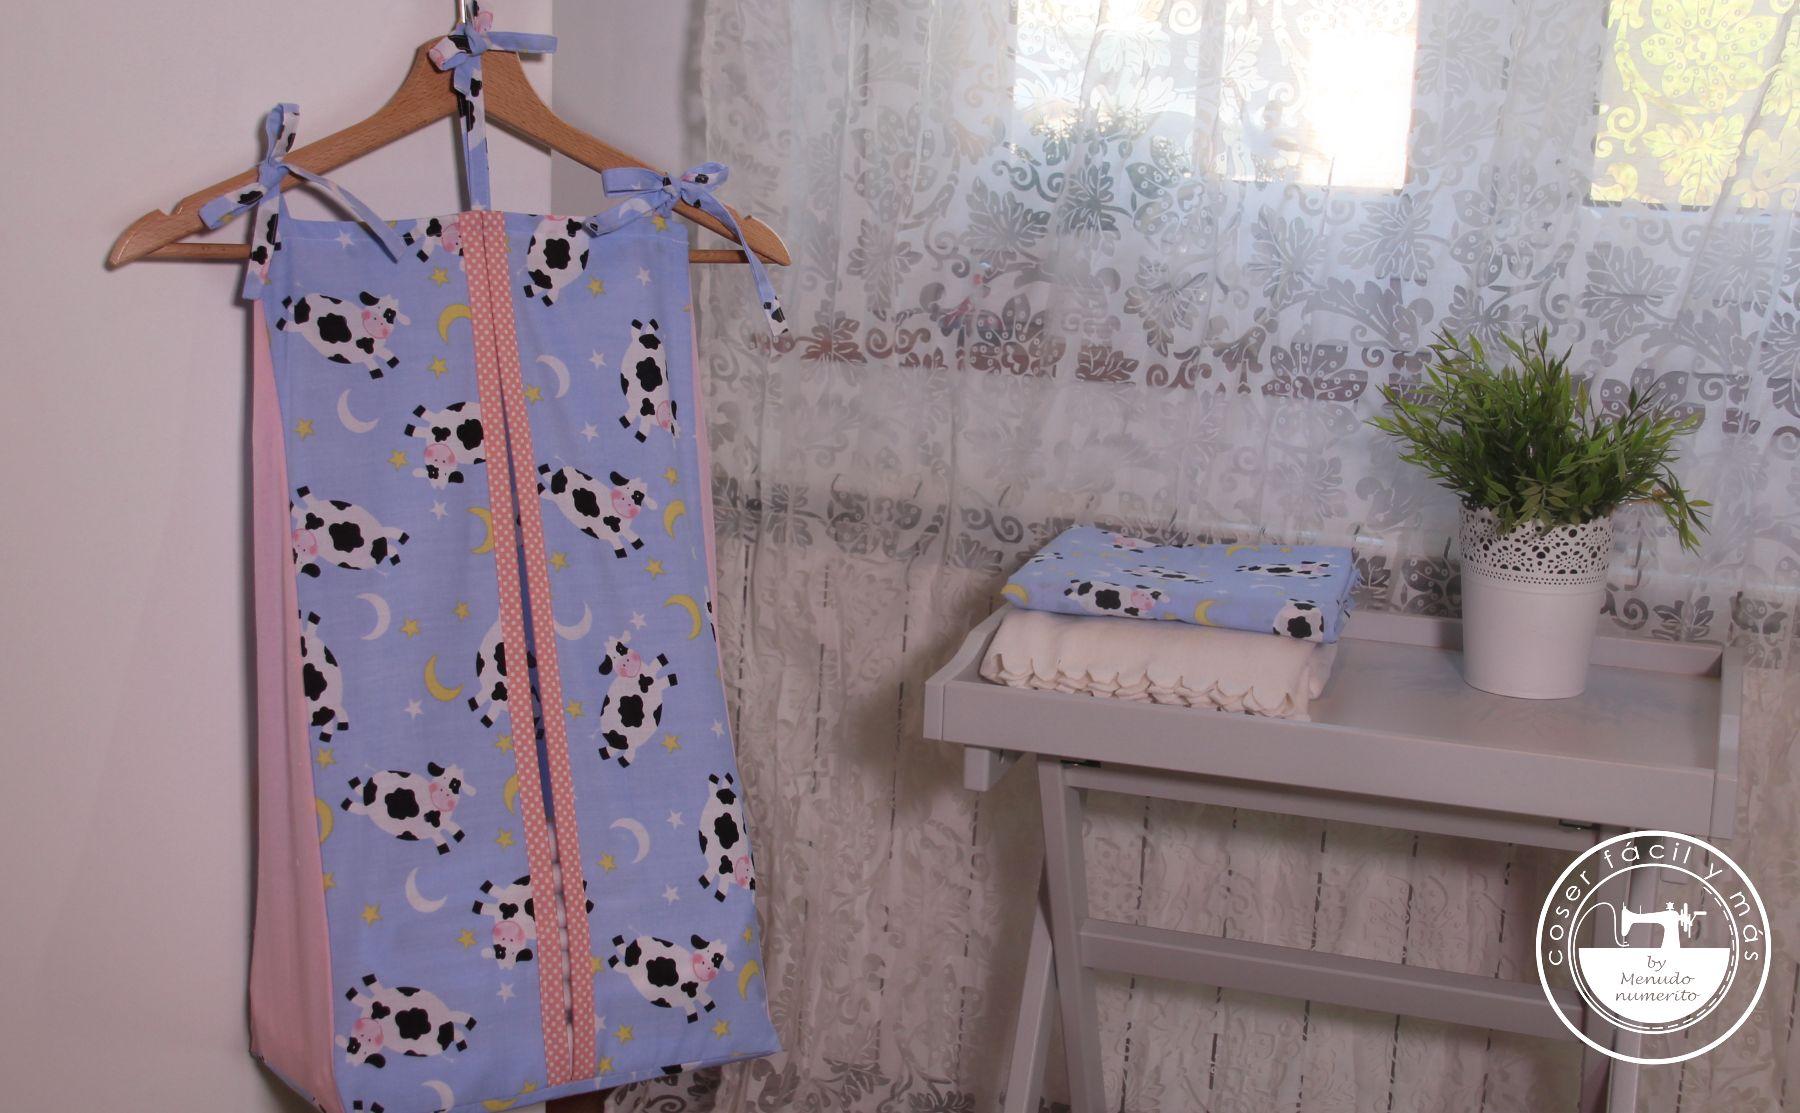 pañalera coser facil blogs de costura